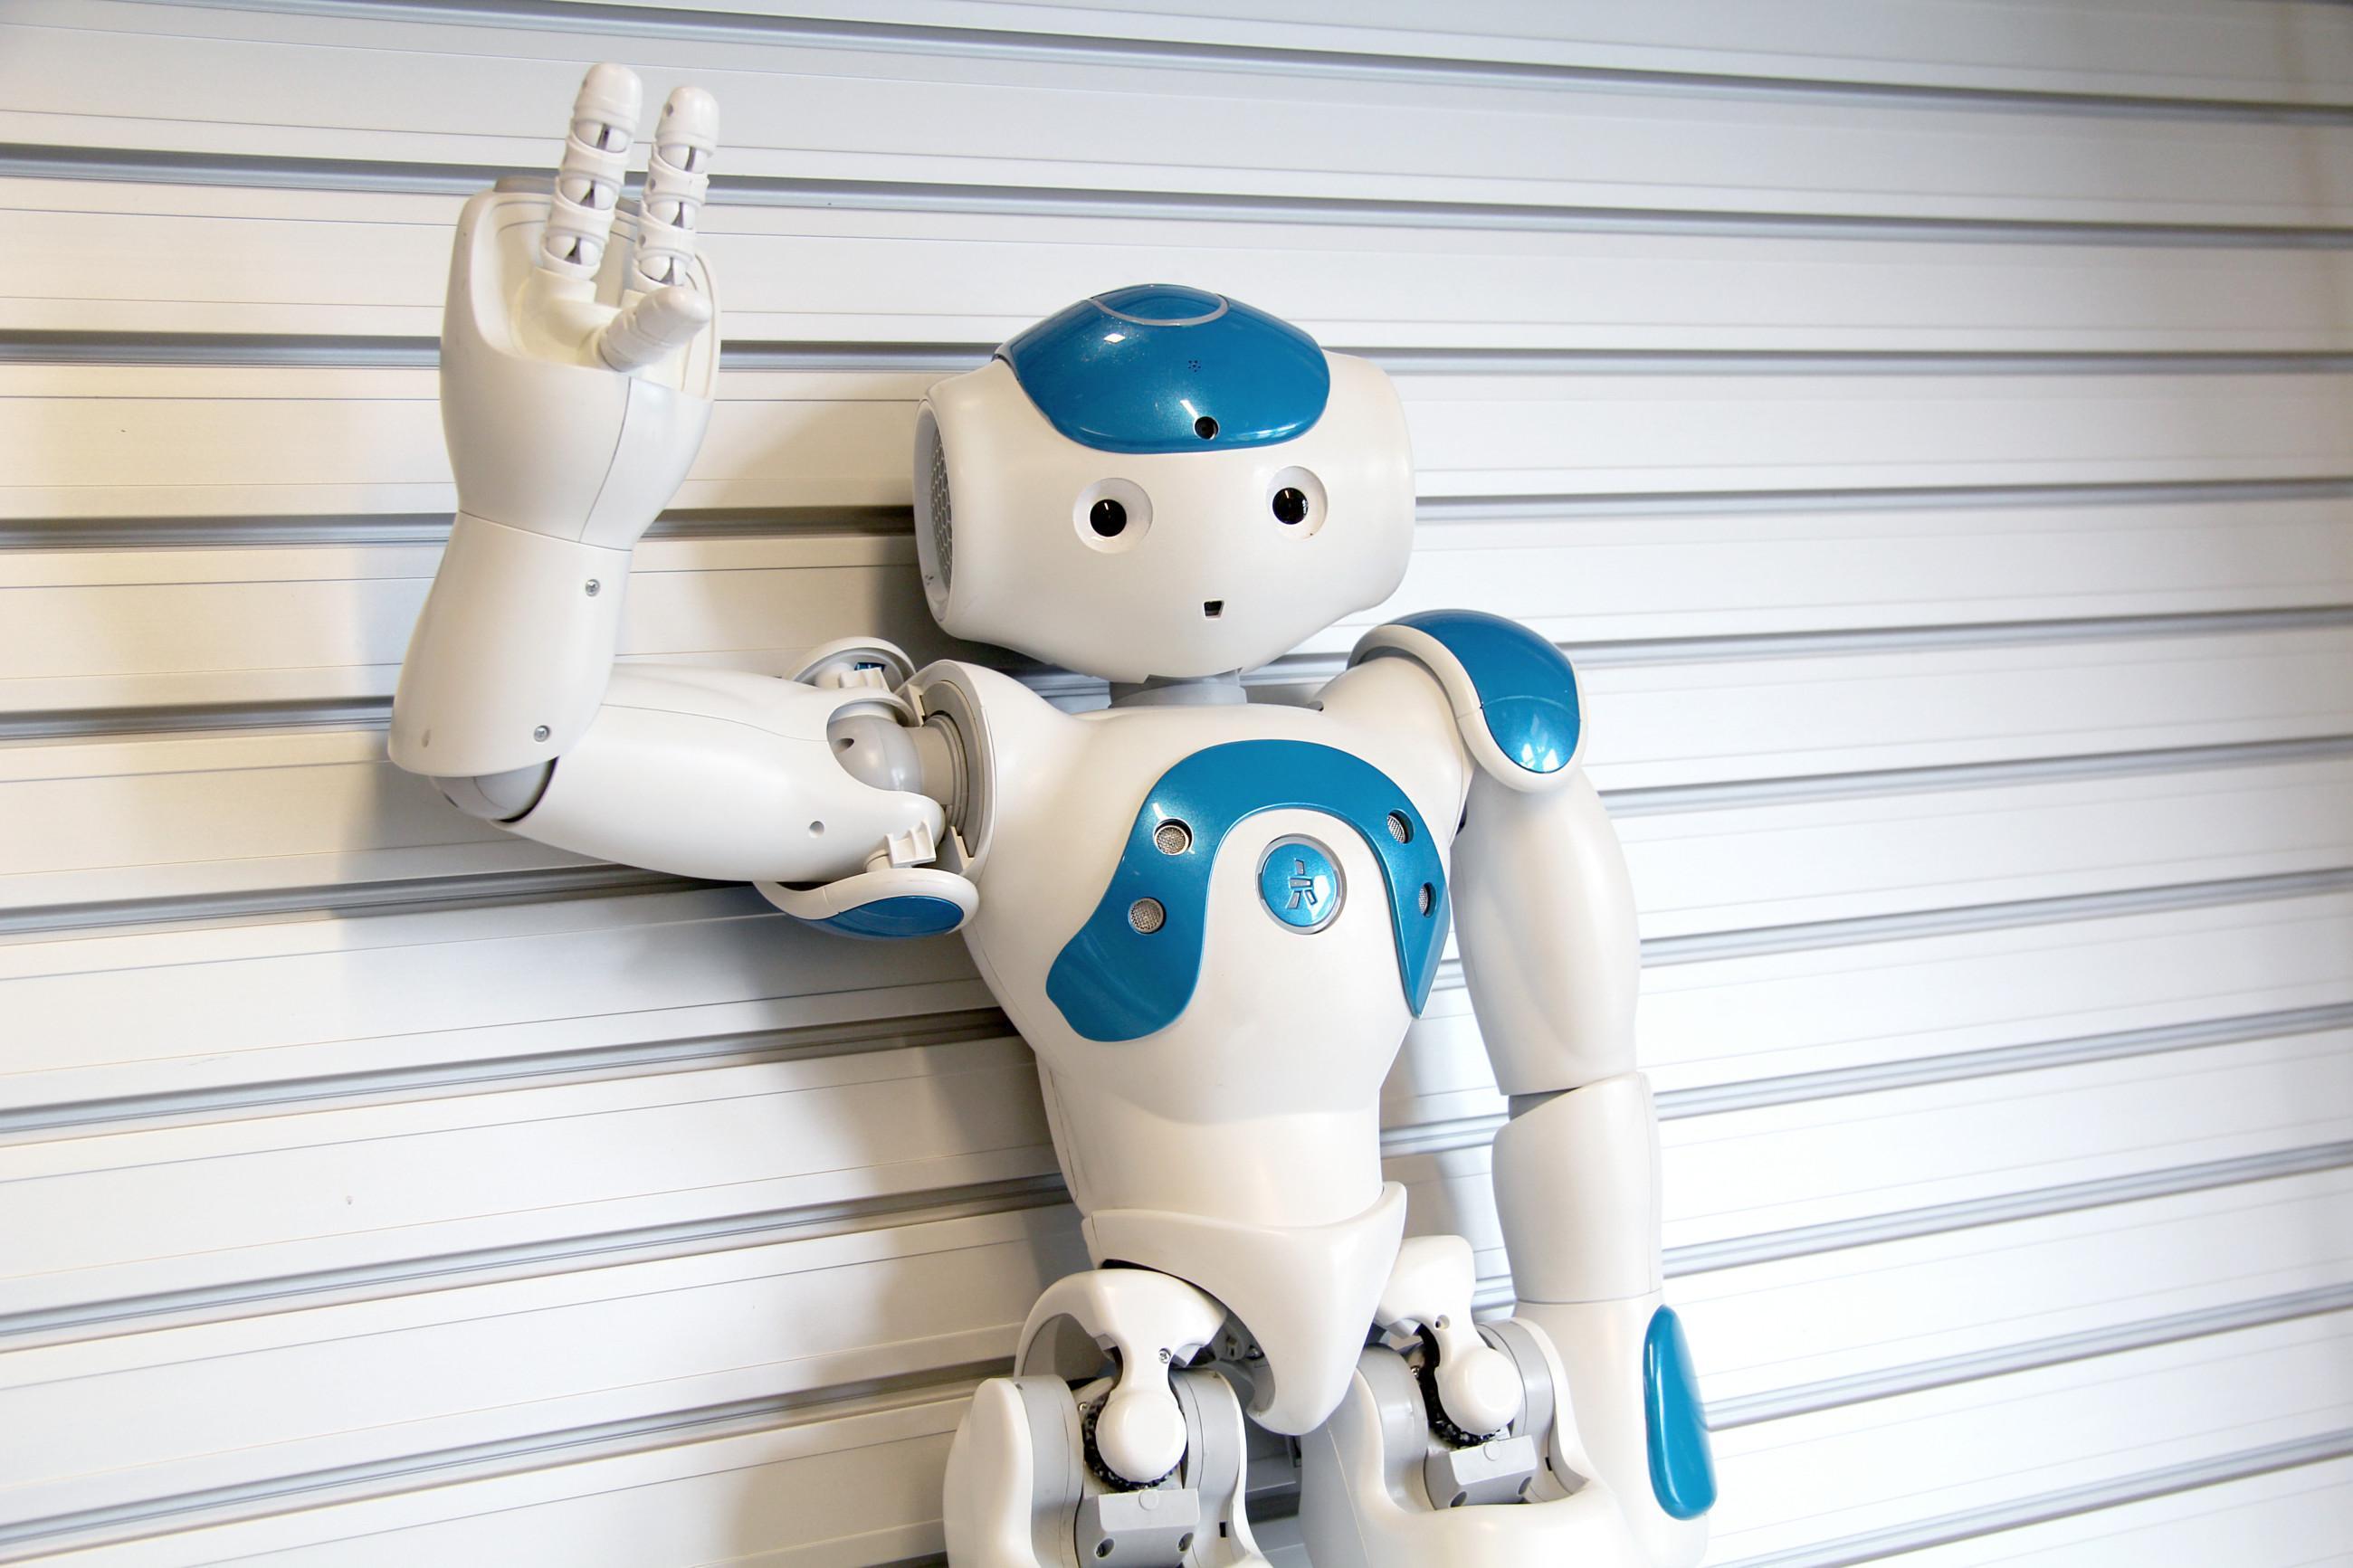 Sinivalkoinen Nao-robotti käsi tervehdysasennossa.